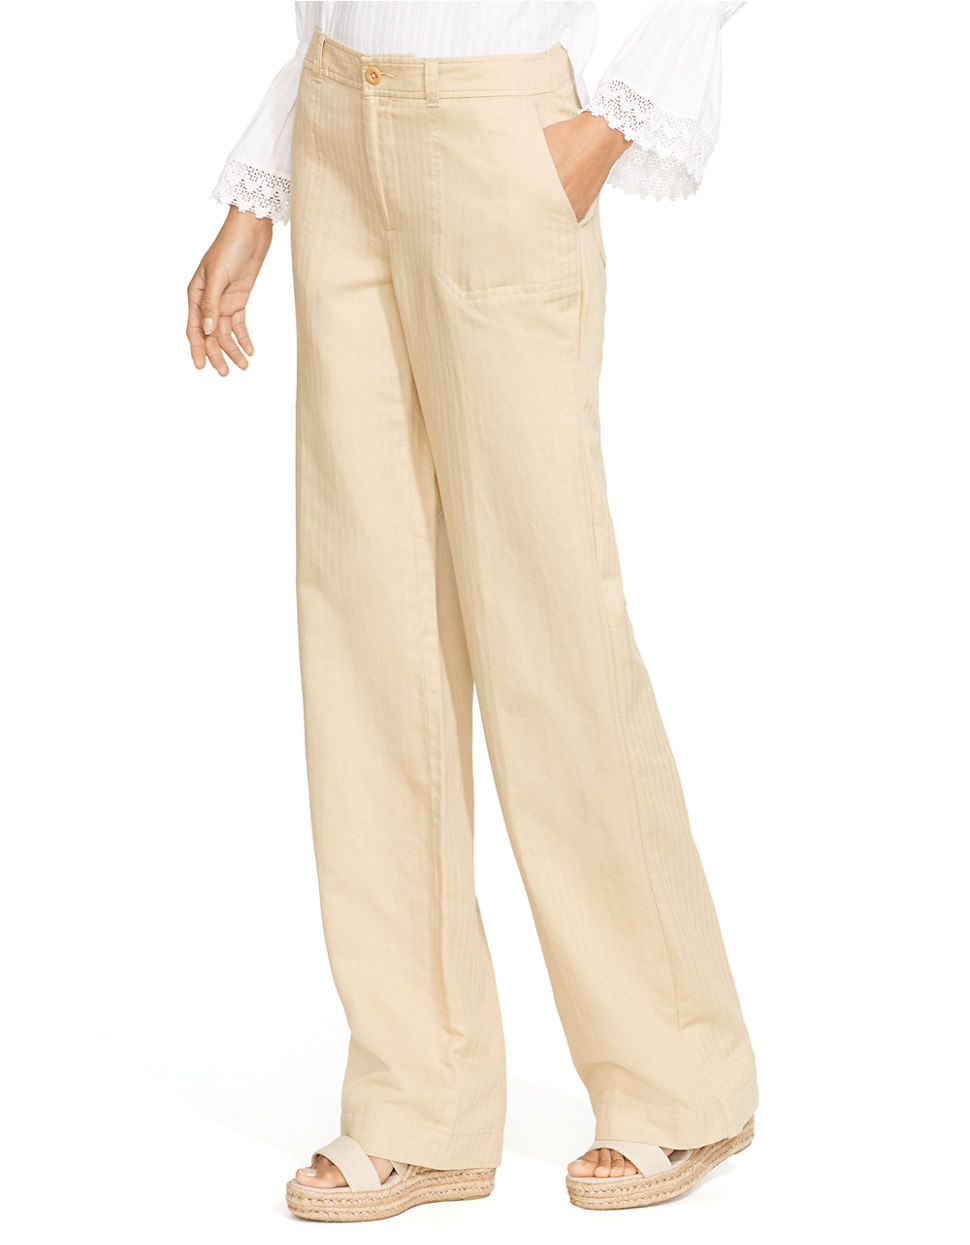 Lauren by ralph lauren Lightweight Wide-Leg Pants in Brown | Lyst